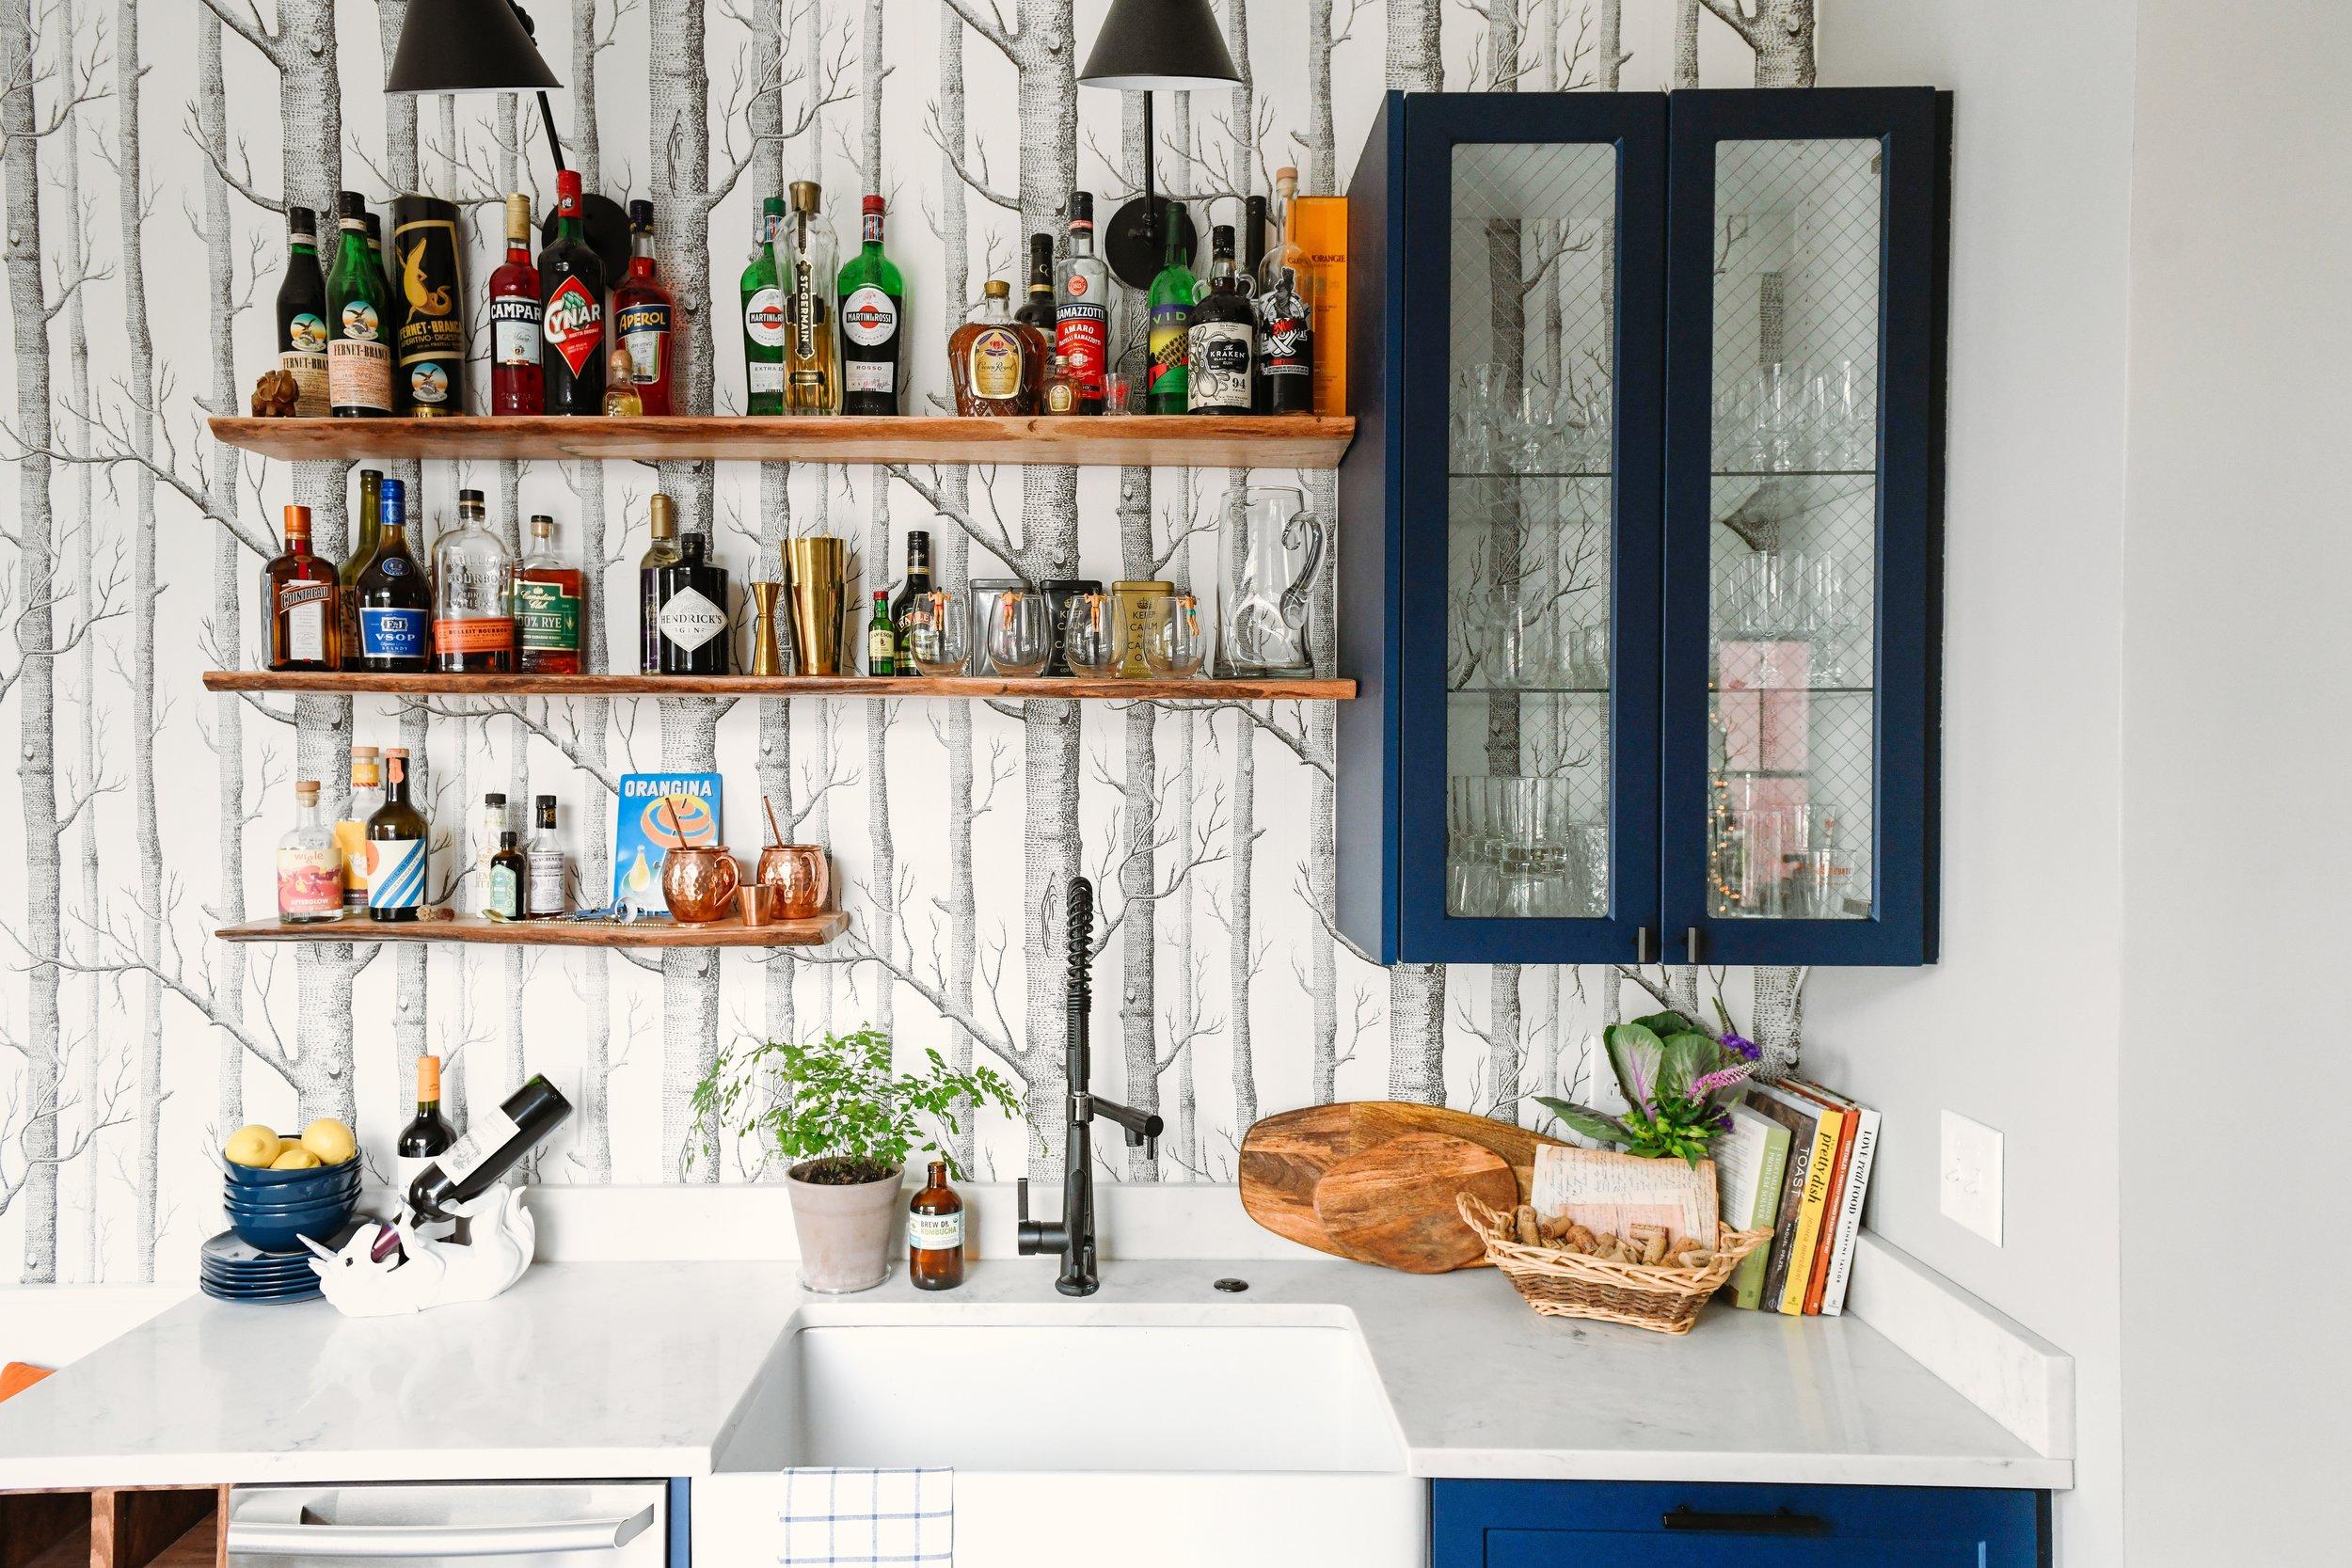 Katy Popple Design Kitchen - Breakfast Nook Bar 9.jpeg